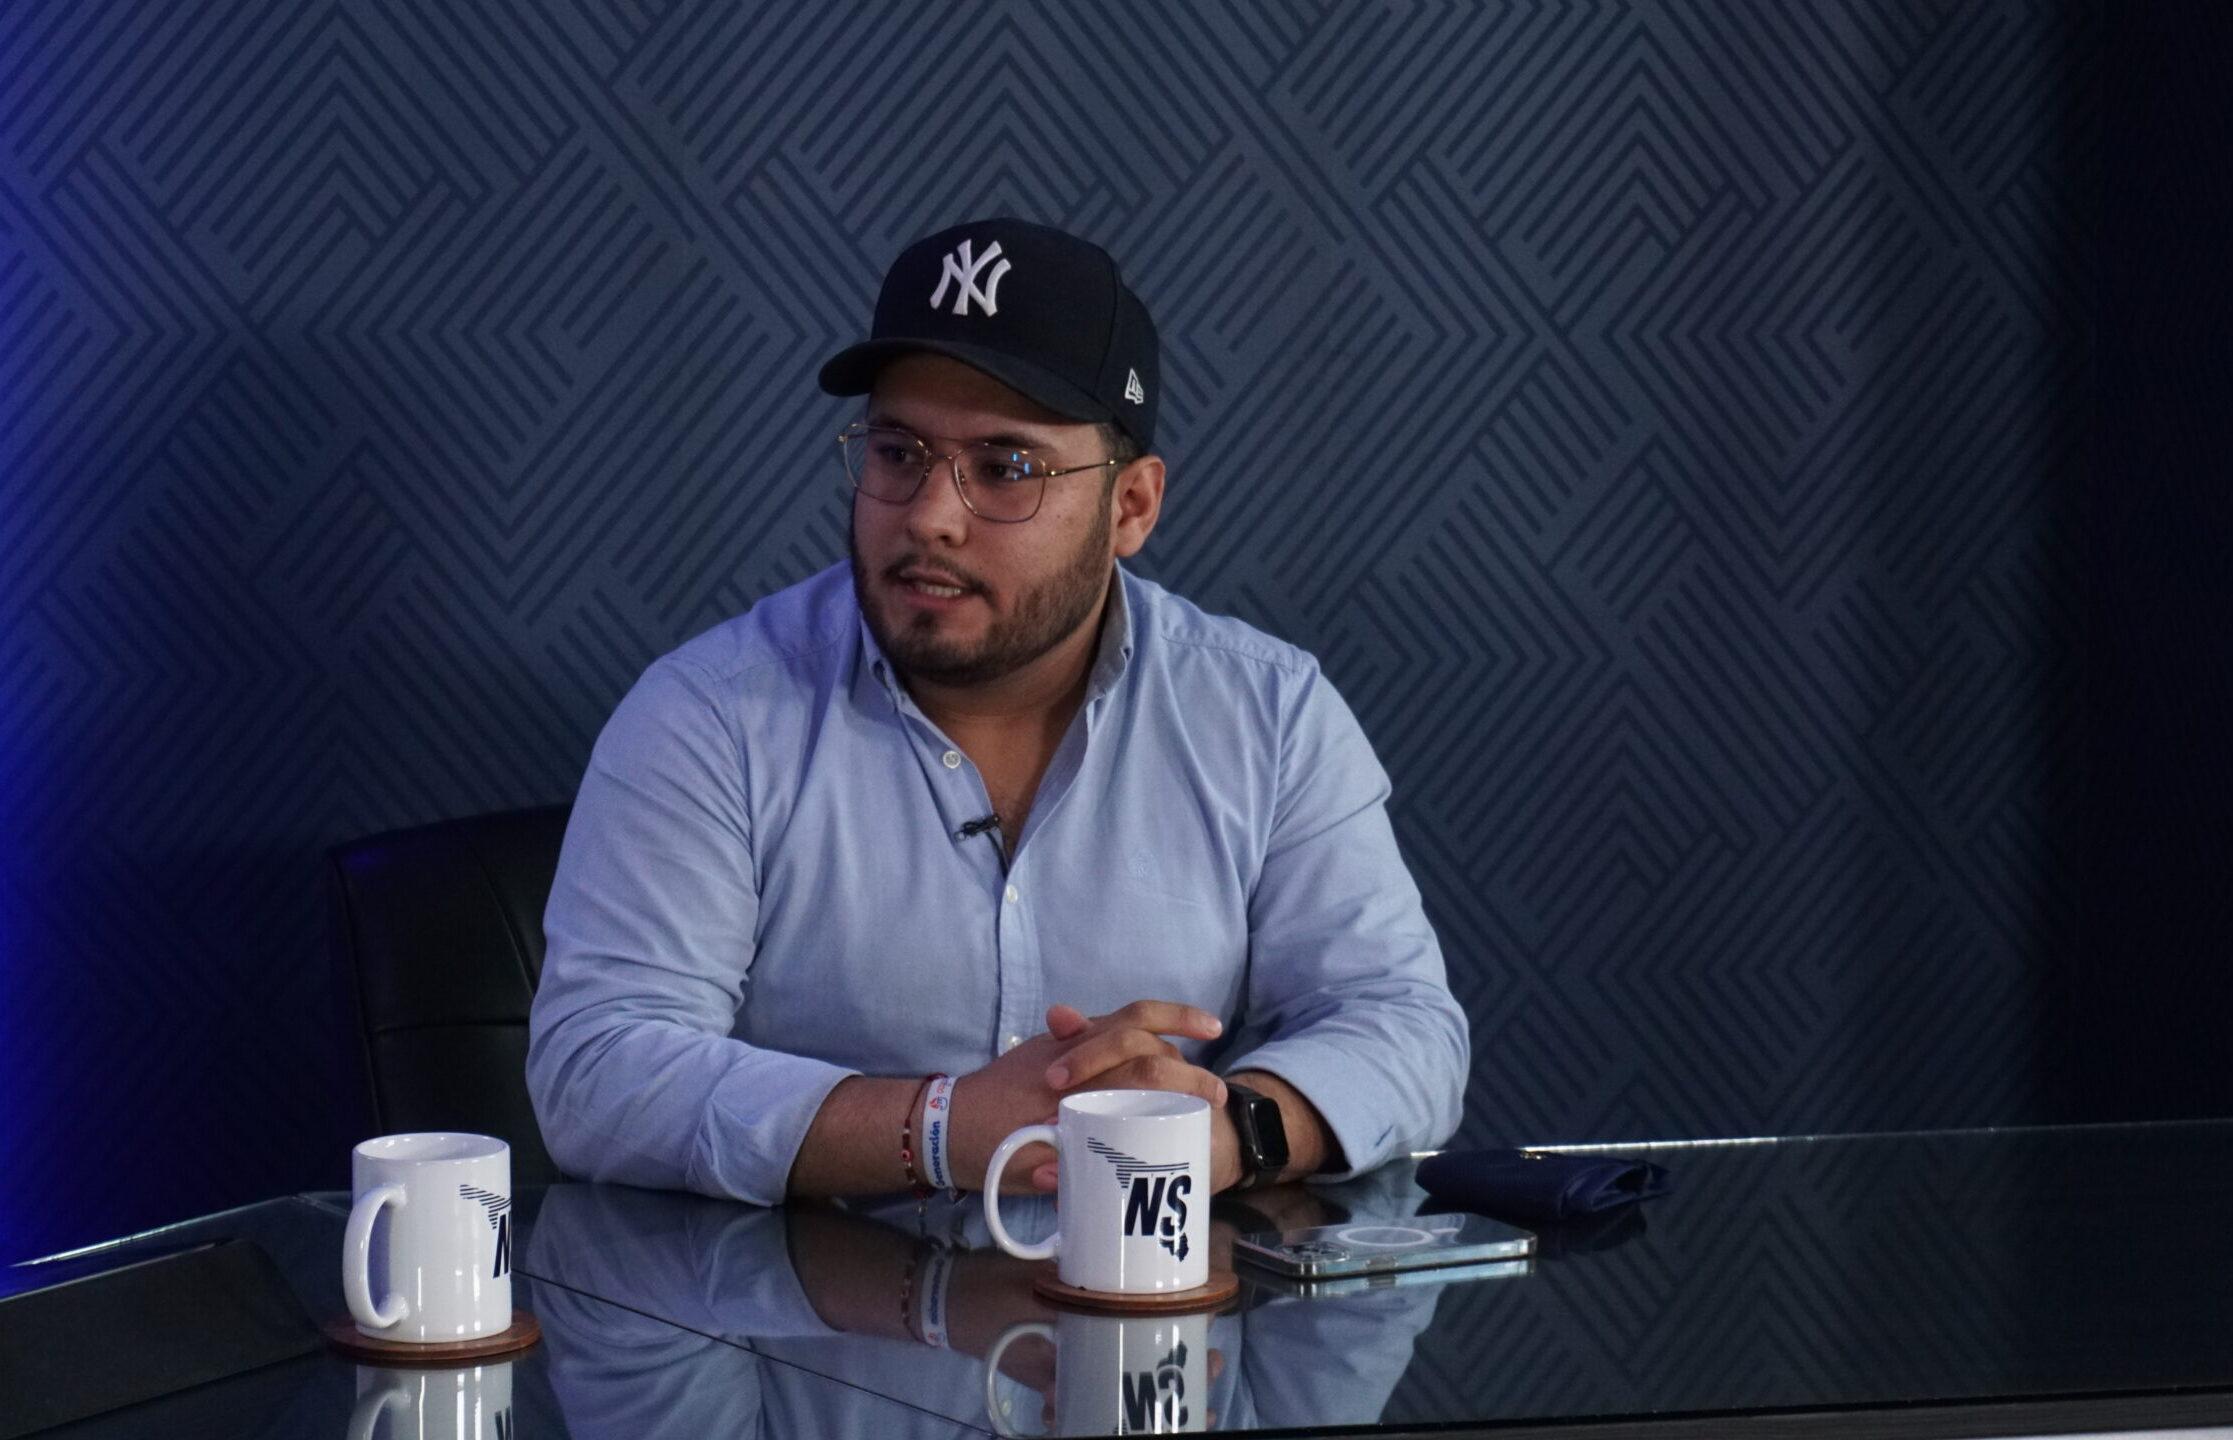 El PAN necesita un dirigente incluyente: Gabino Nieto